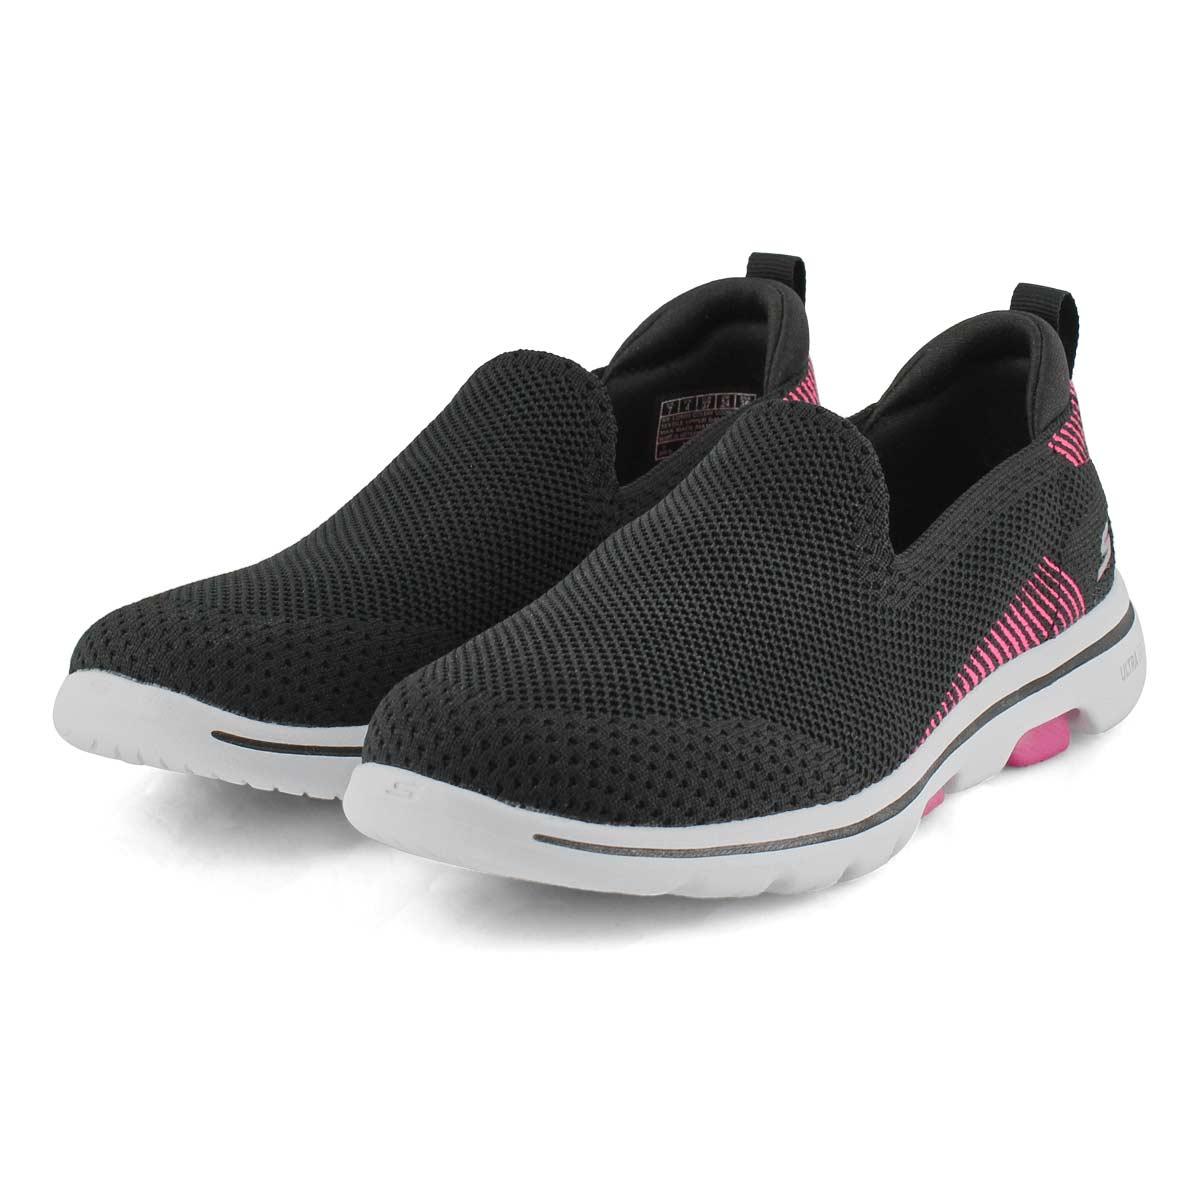 Lds GOwalk 5 Prized blk/pnk slipon shoe